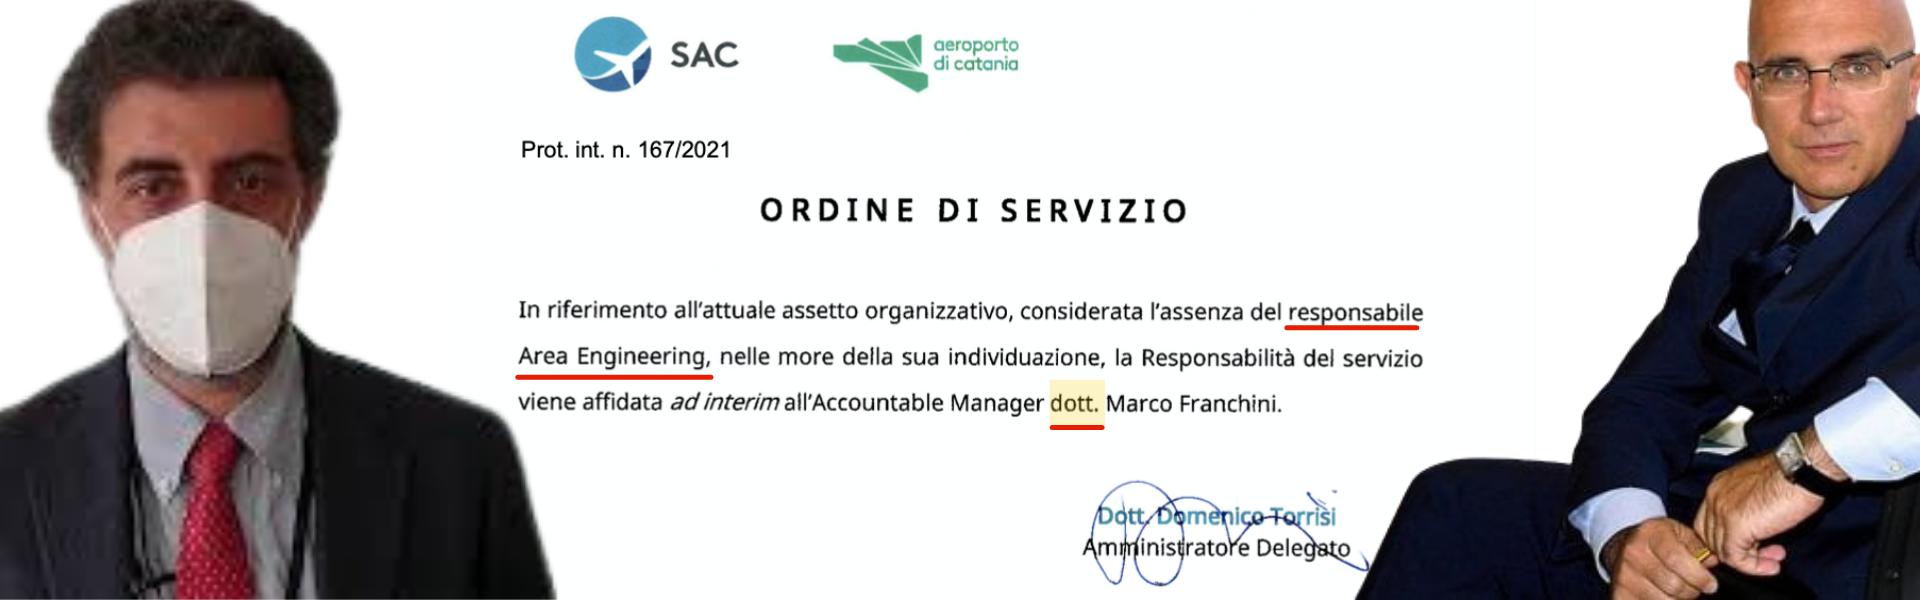 SAC Aeroporto Catania: nuovo debito di ben 25 milioni, dovrà restituire almeno 350 mila euro al mese...